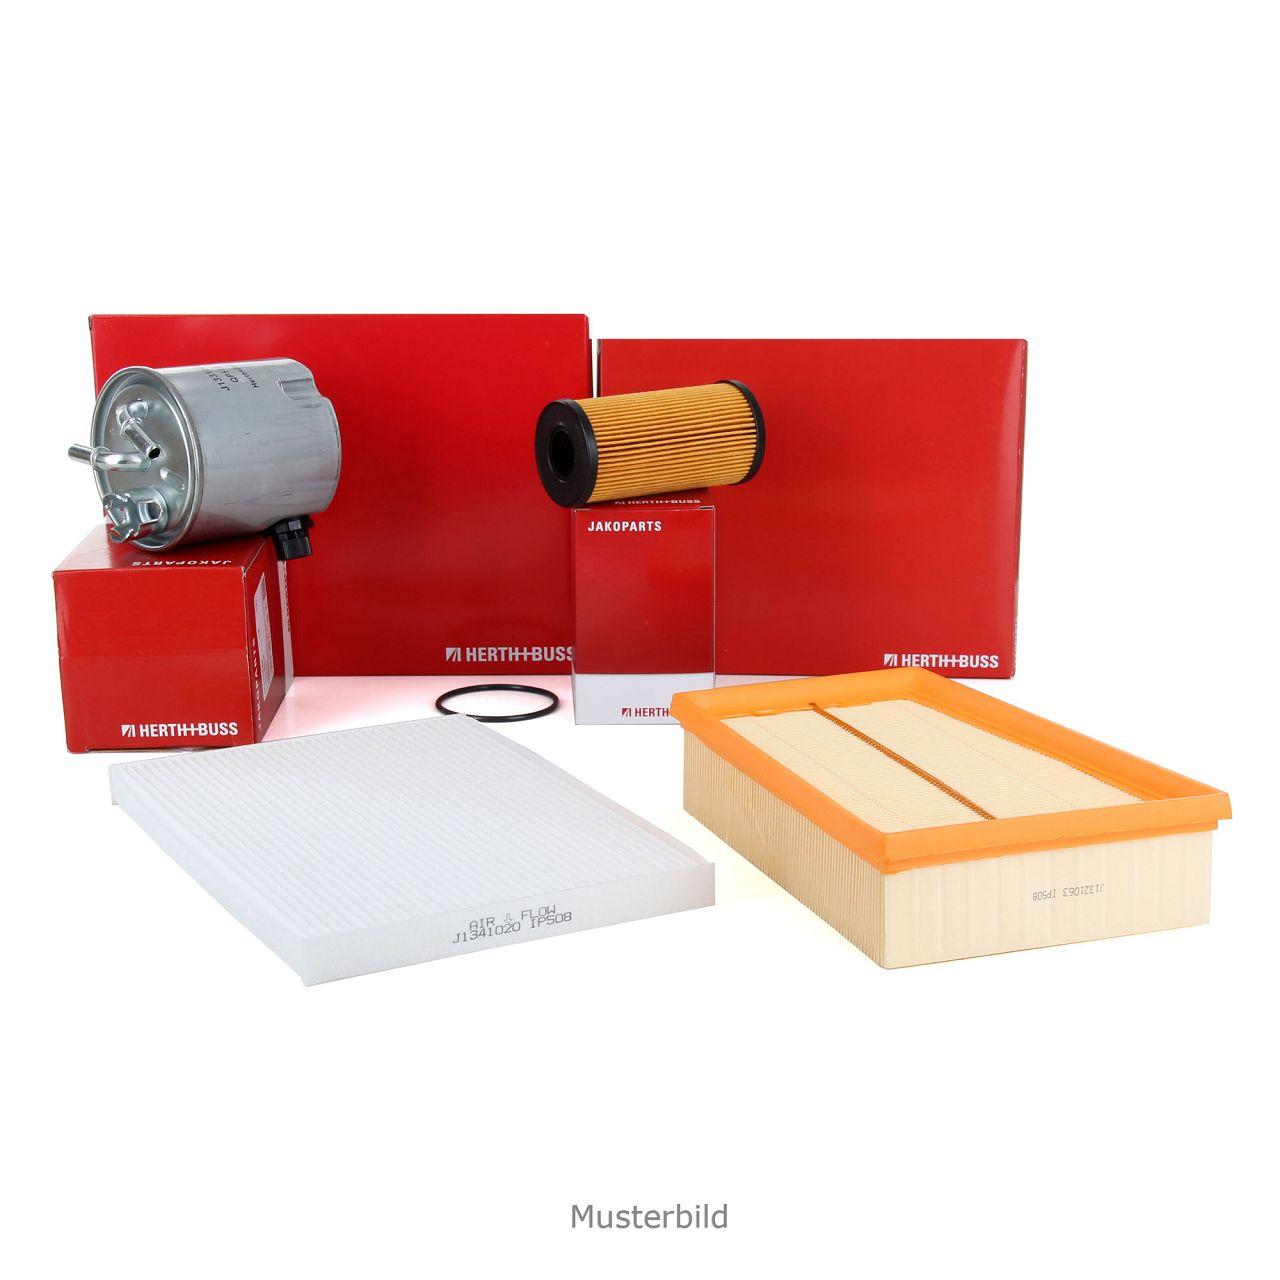 HERTH+BUSS JAKOPARTS Filterset für MITSUBISHI CARISMA (DA) 1.9DI-D 102/115 PS